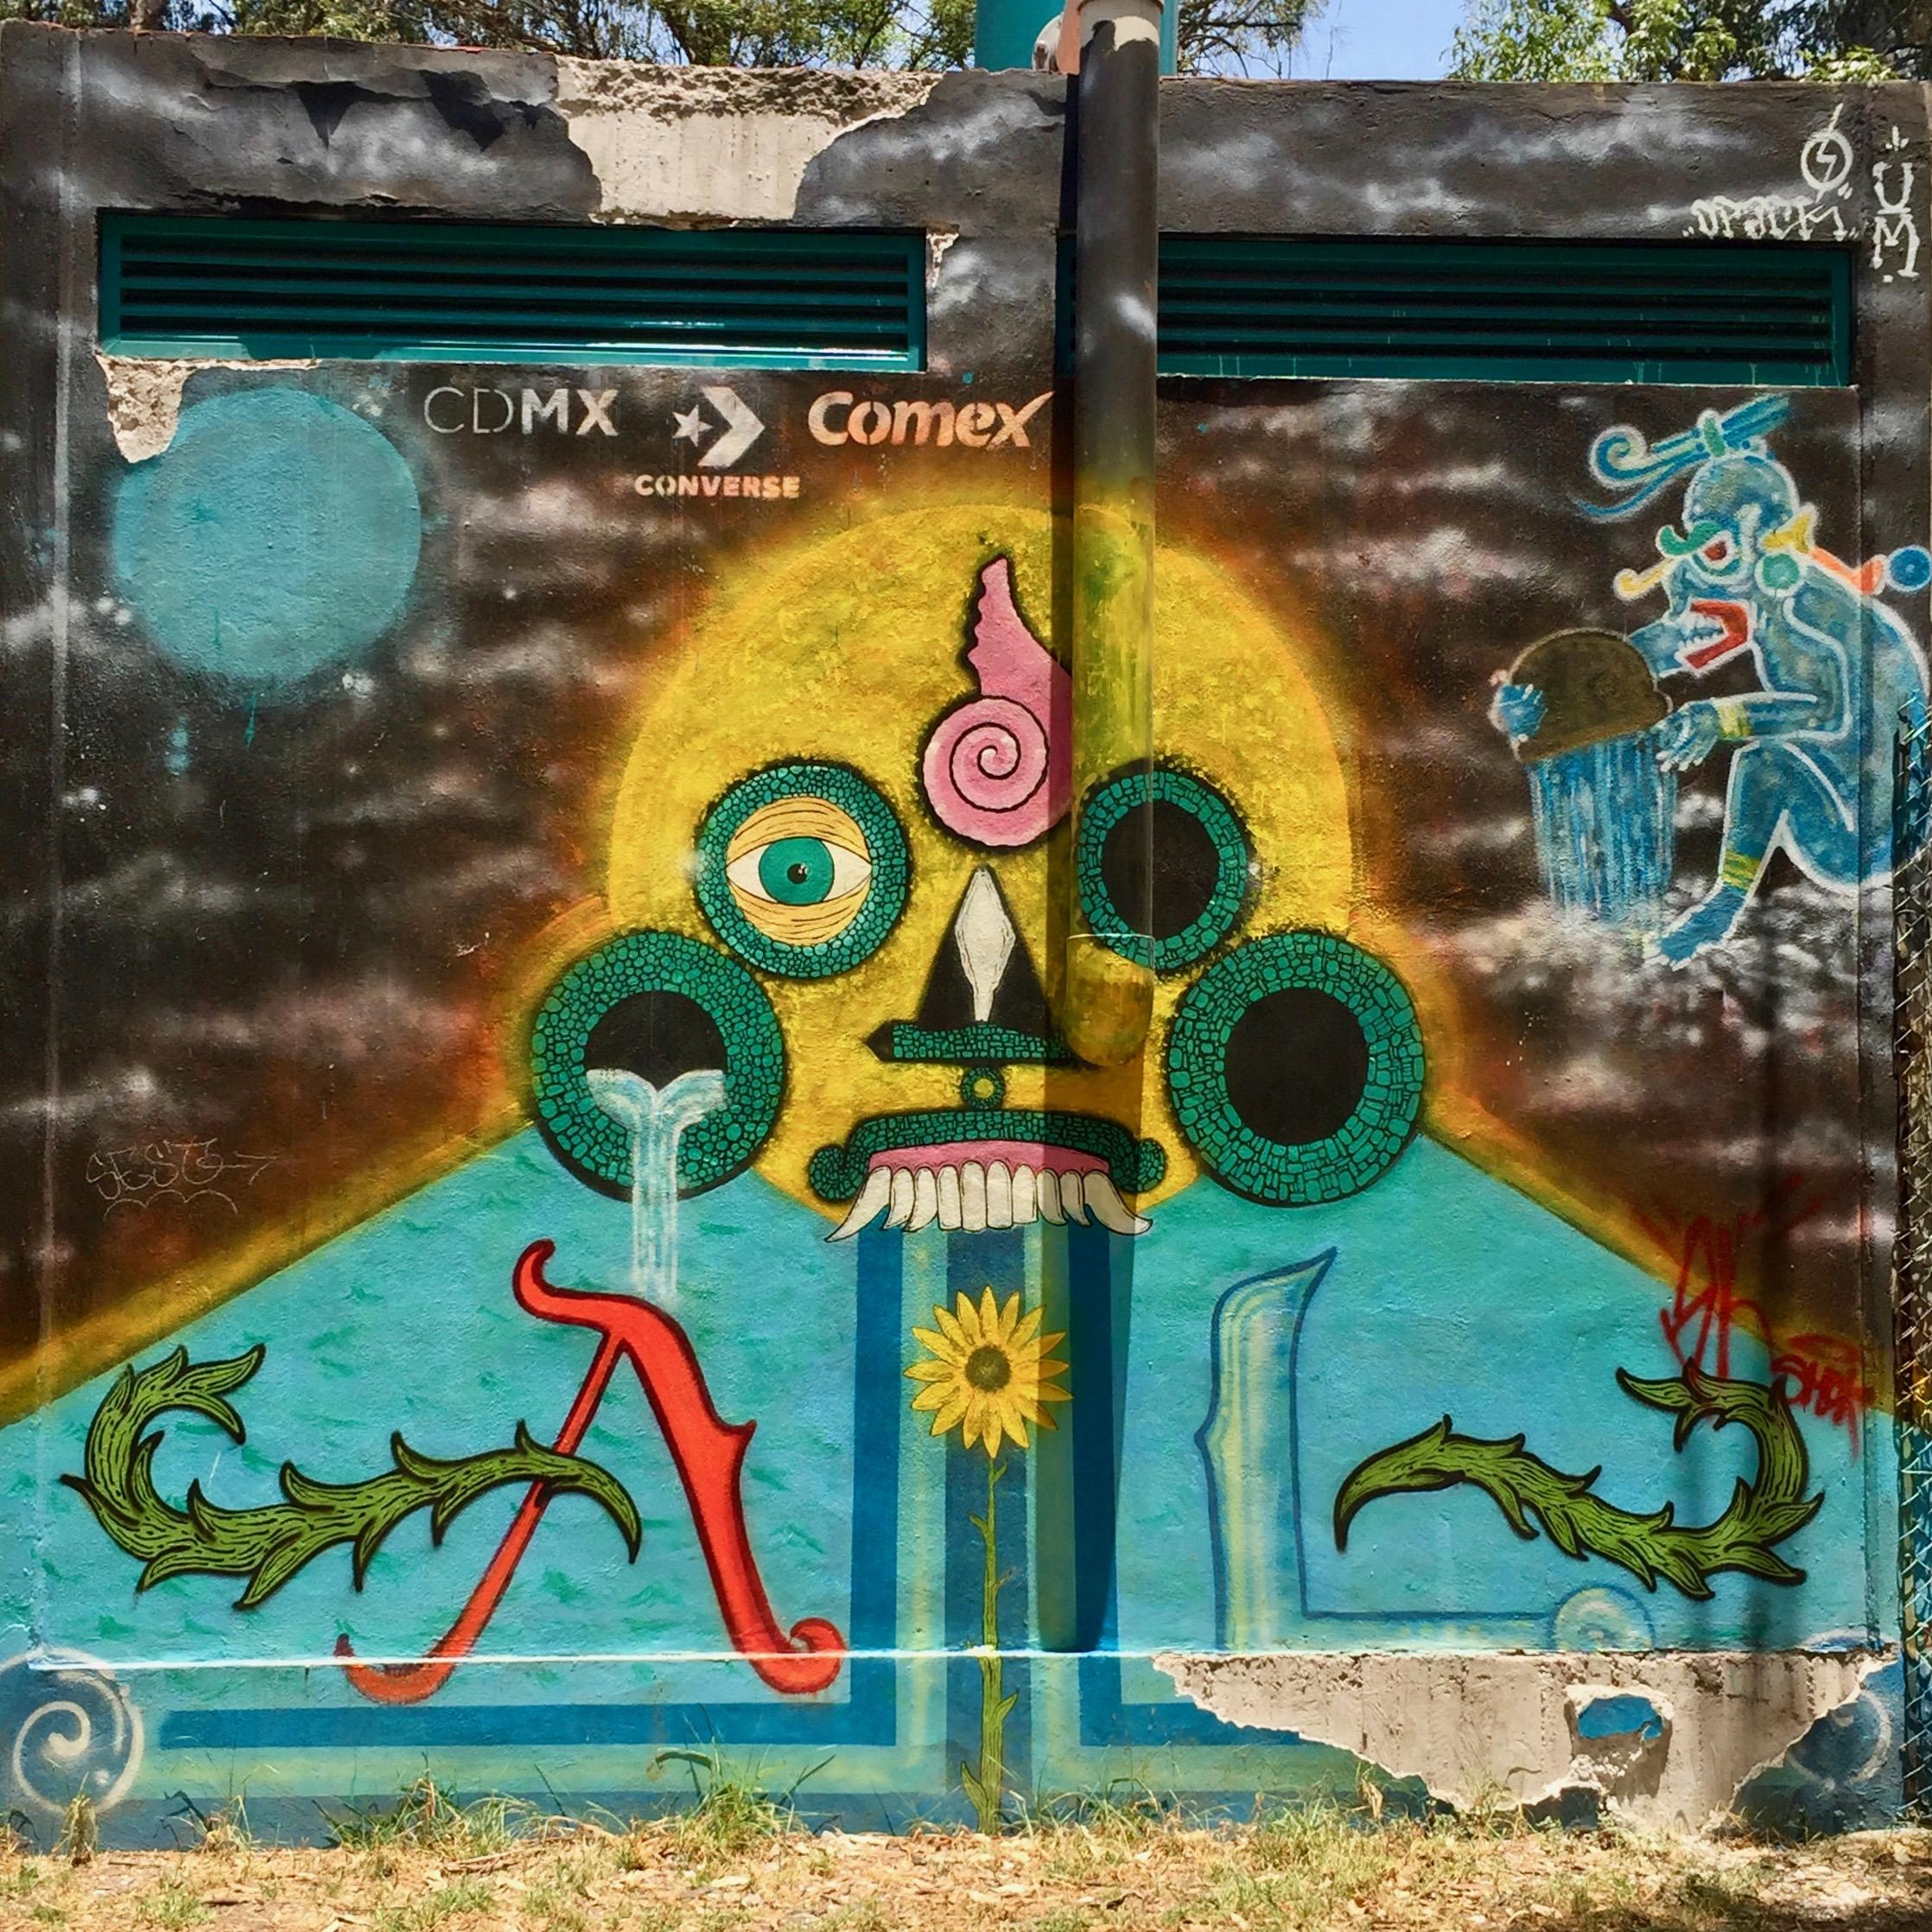 DPACK gagnant concours STreet Art MExico sponsorisé par CDMX Converse Comex